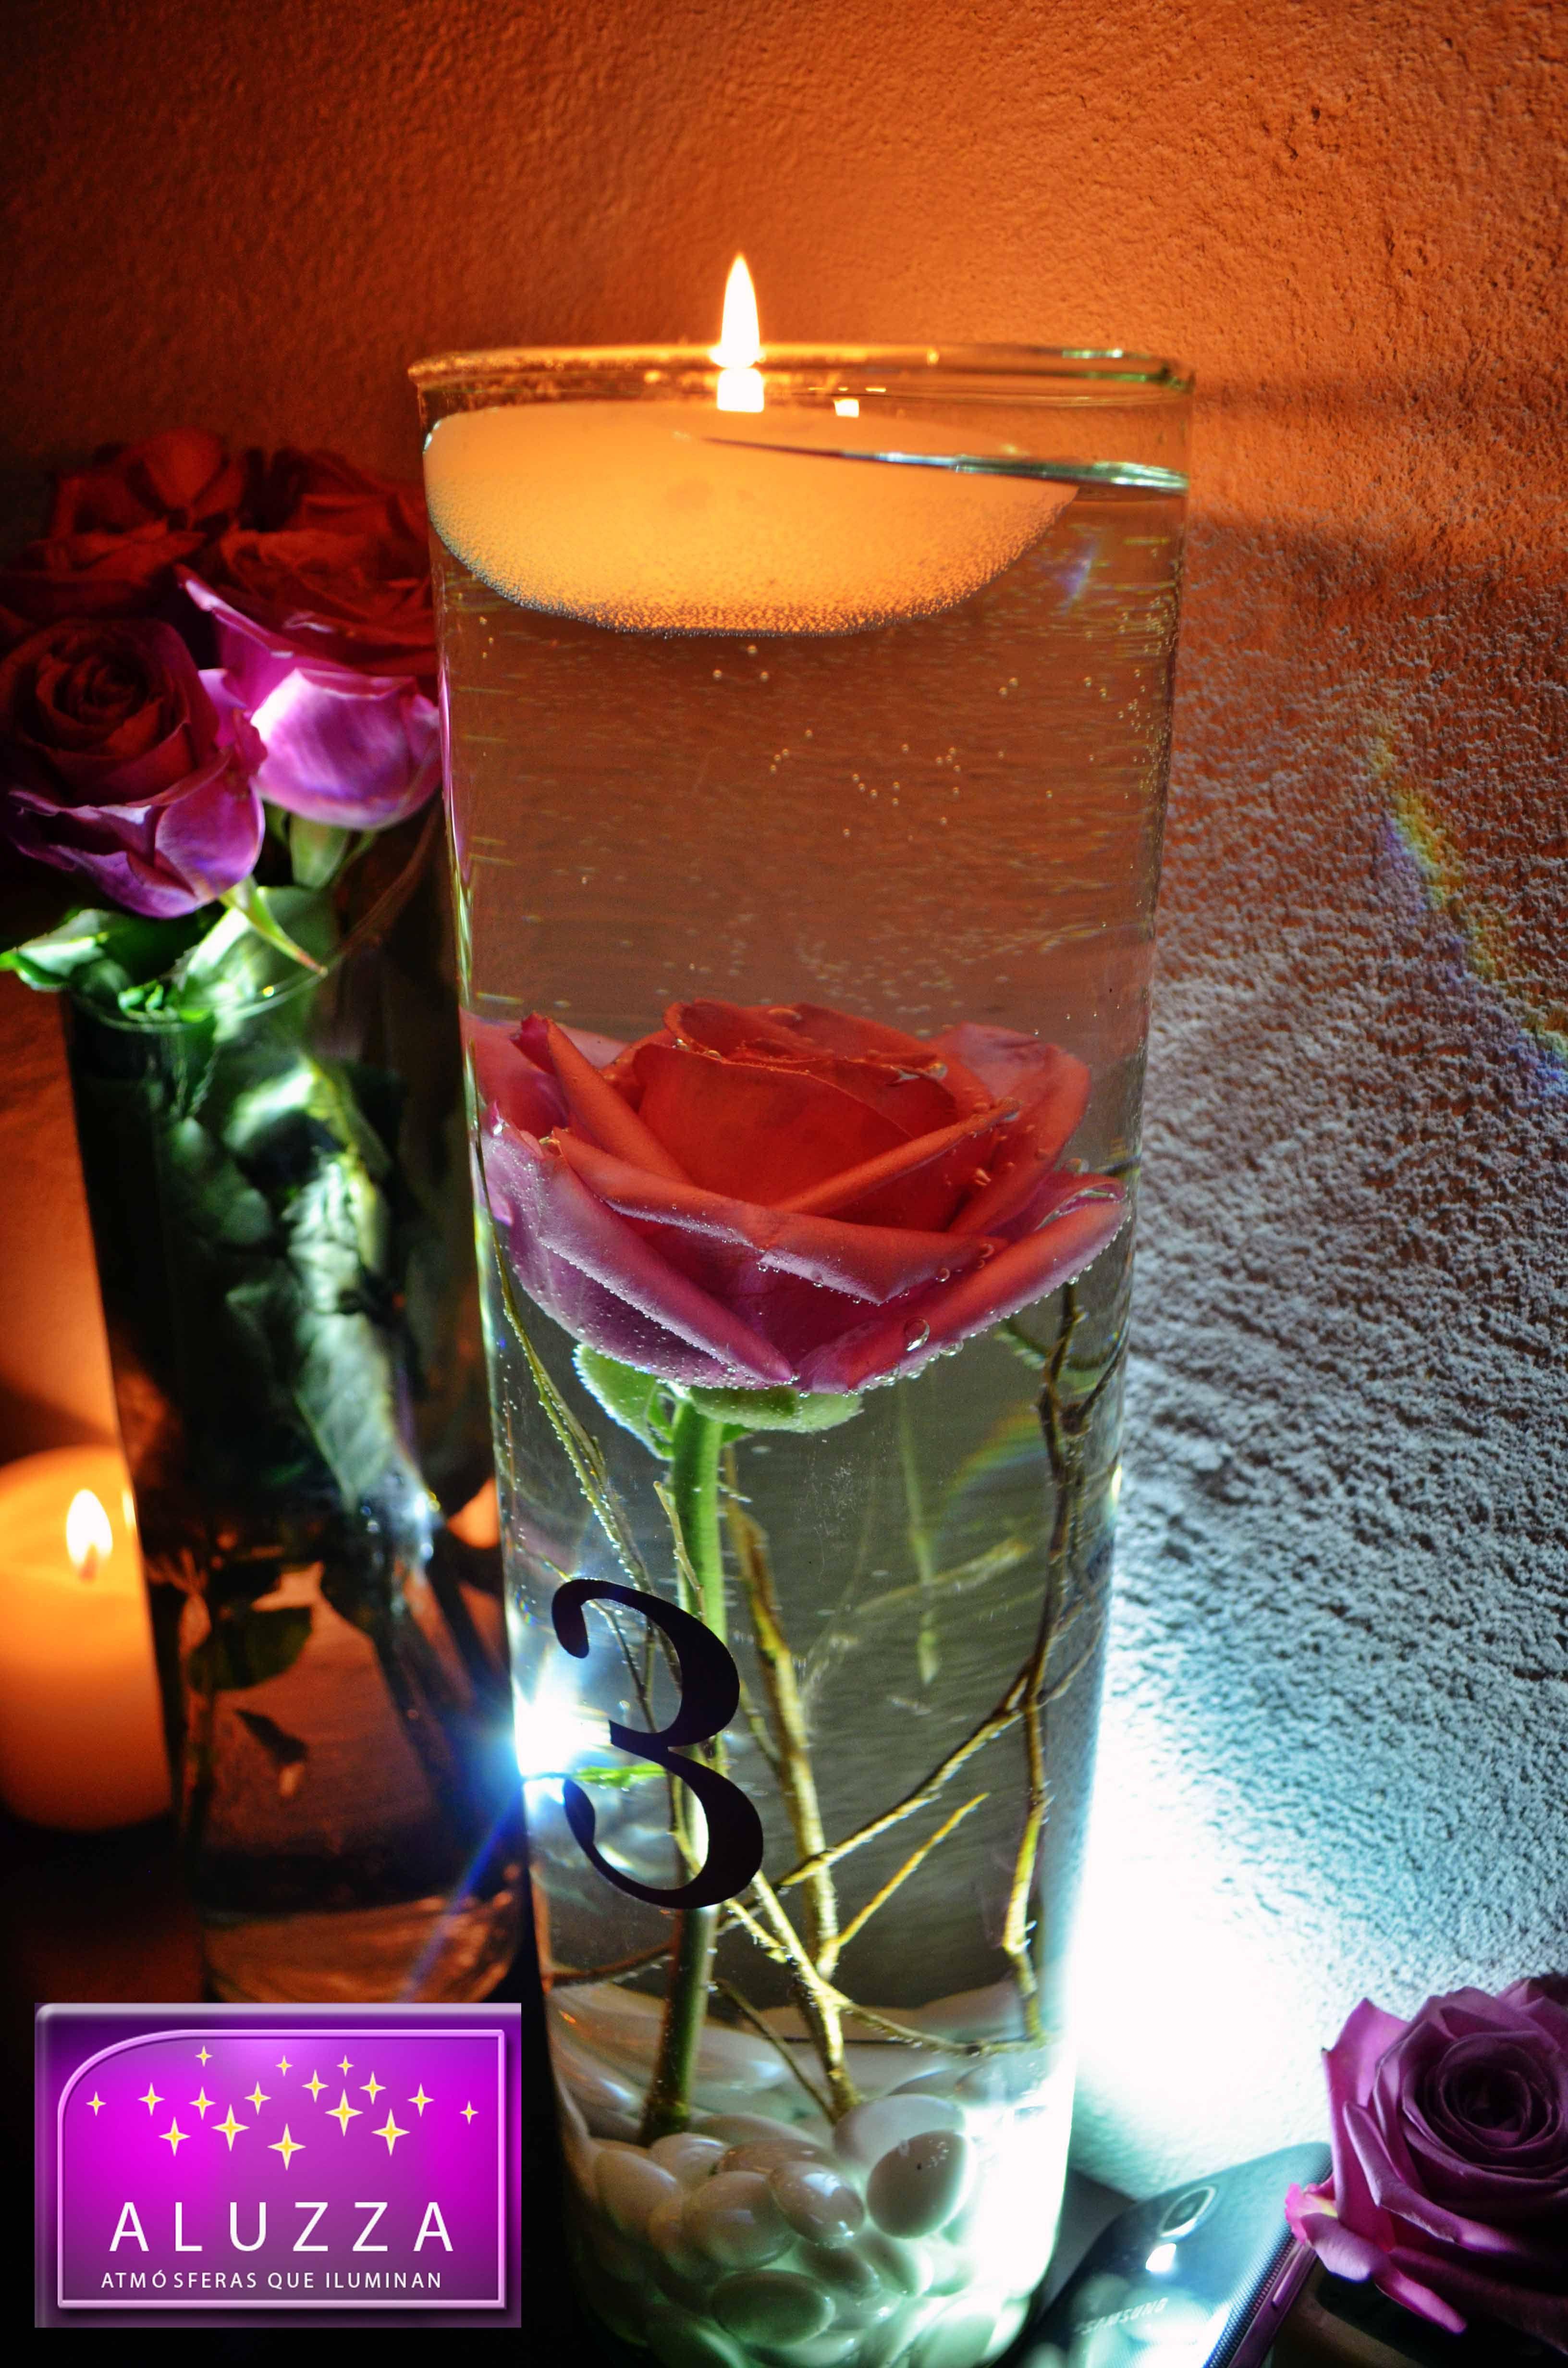 Centro de mesa con velas flotantes y flores sumergidas aluzza centros de mesa aluzza - Centro mesa velas ...